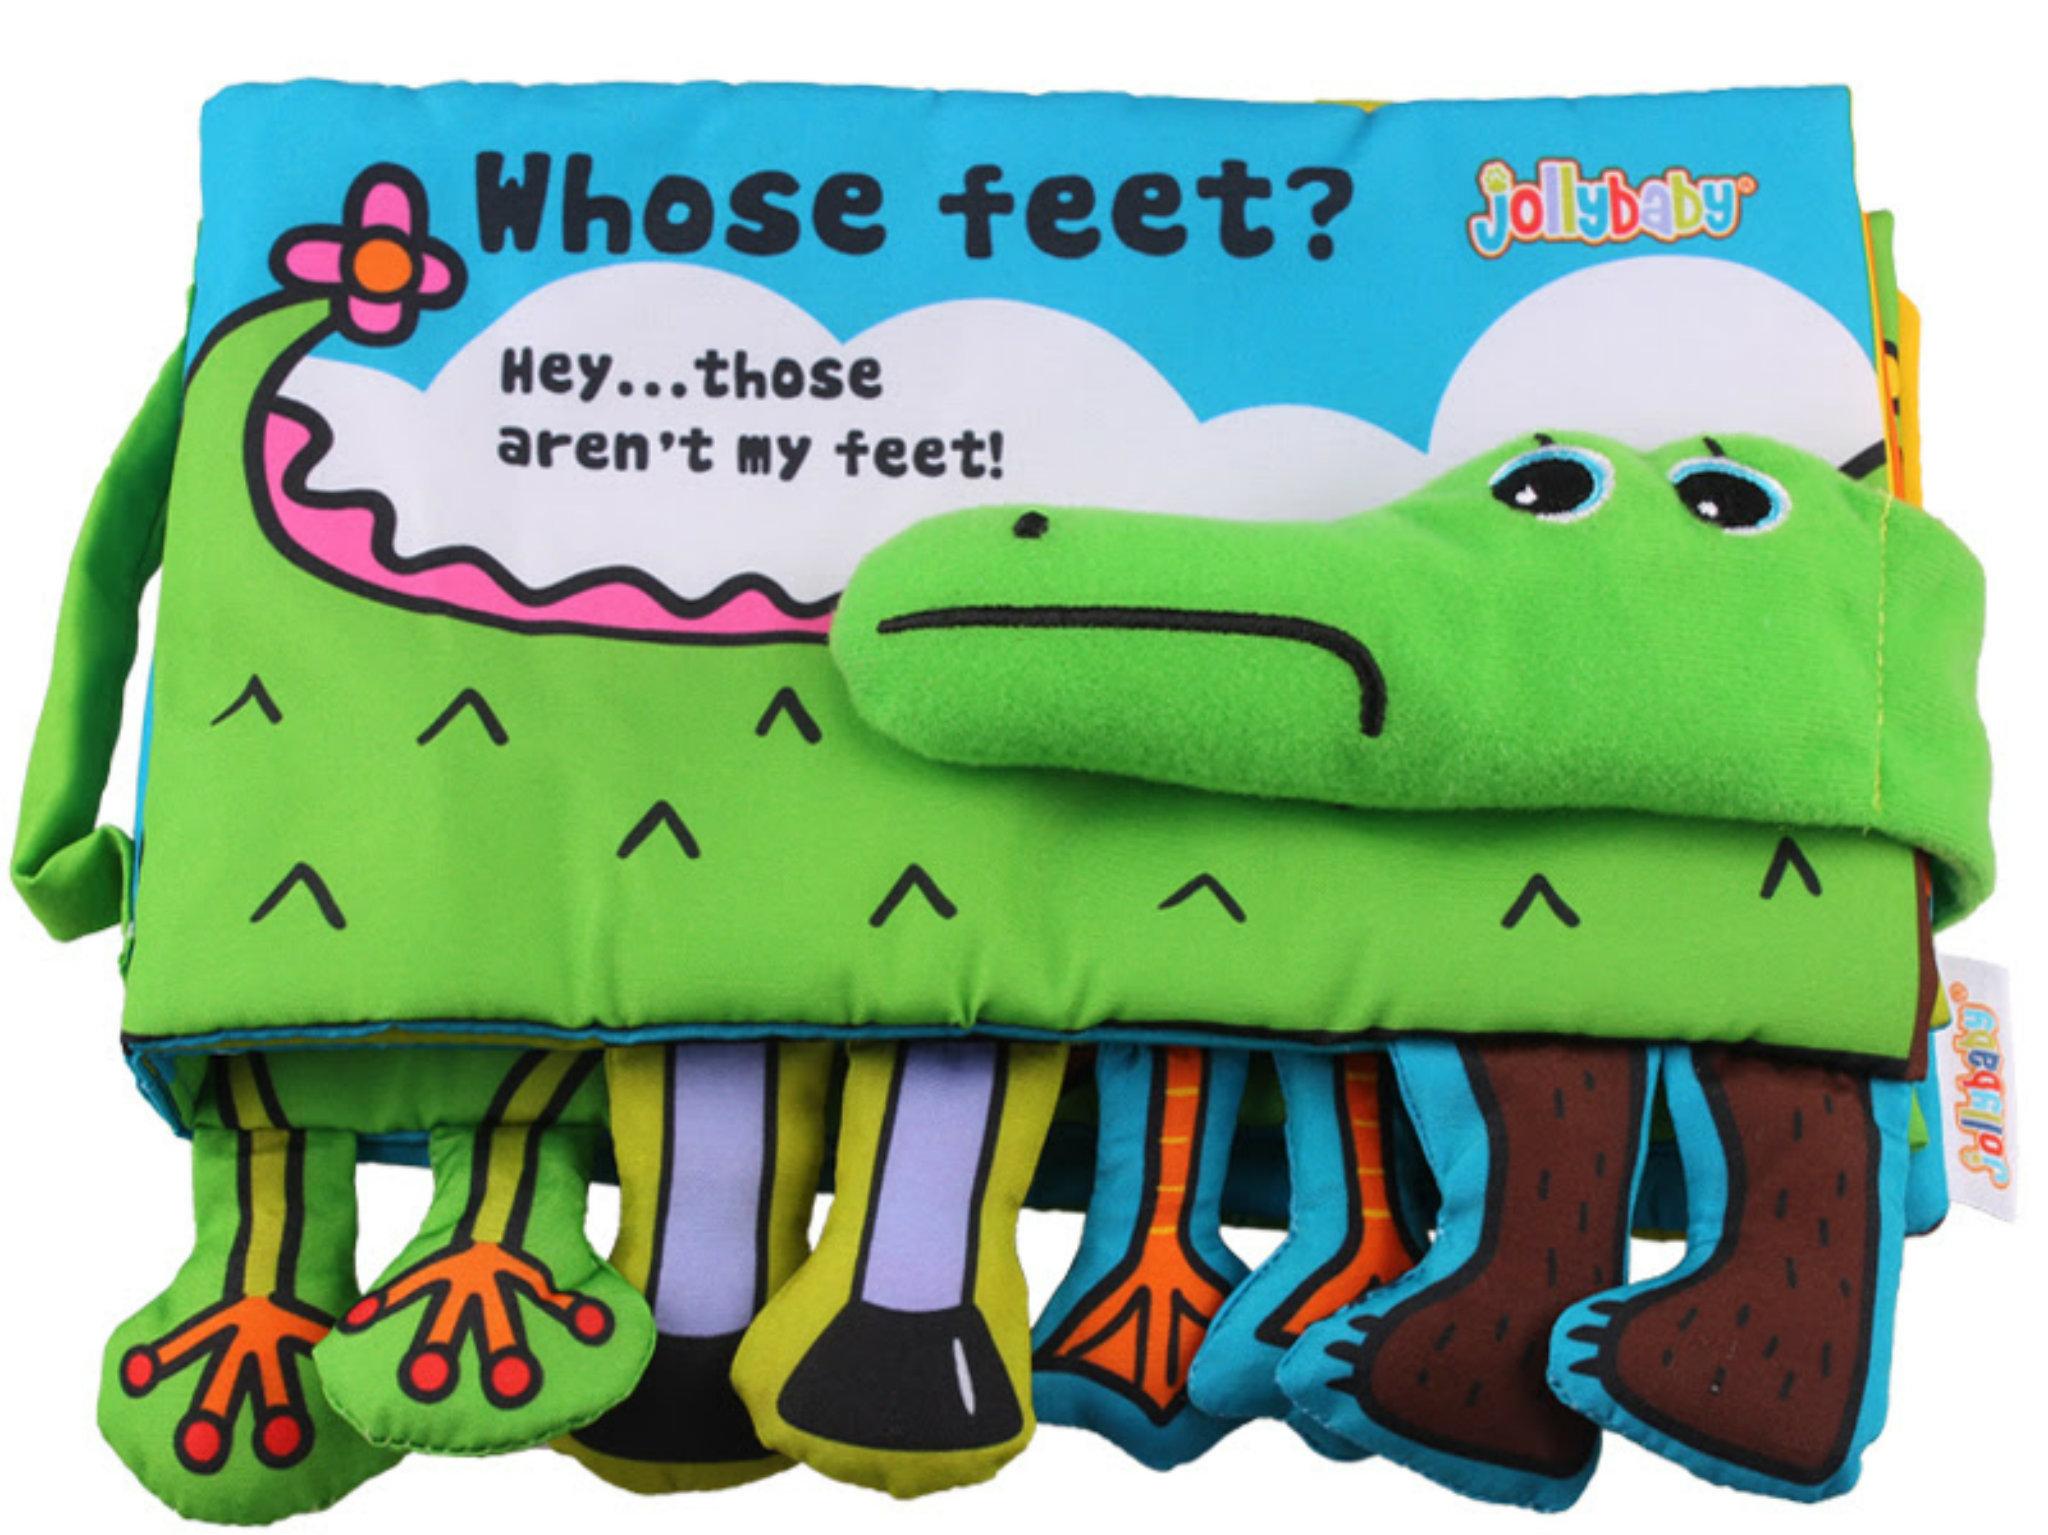 Juguetes para niños con discapacidad visual